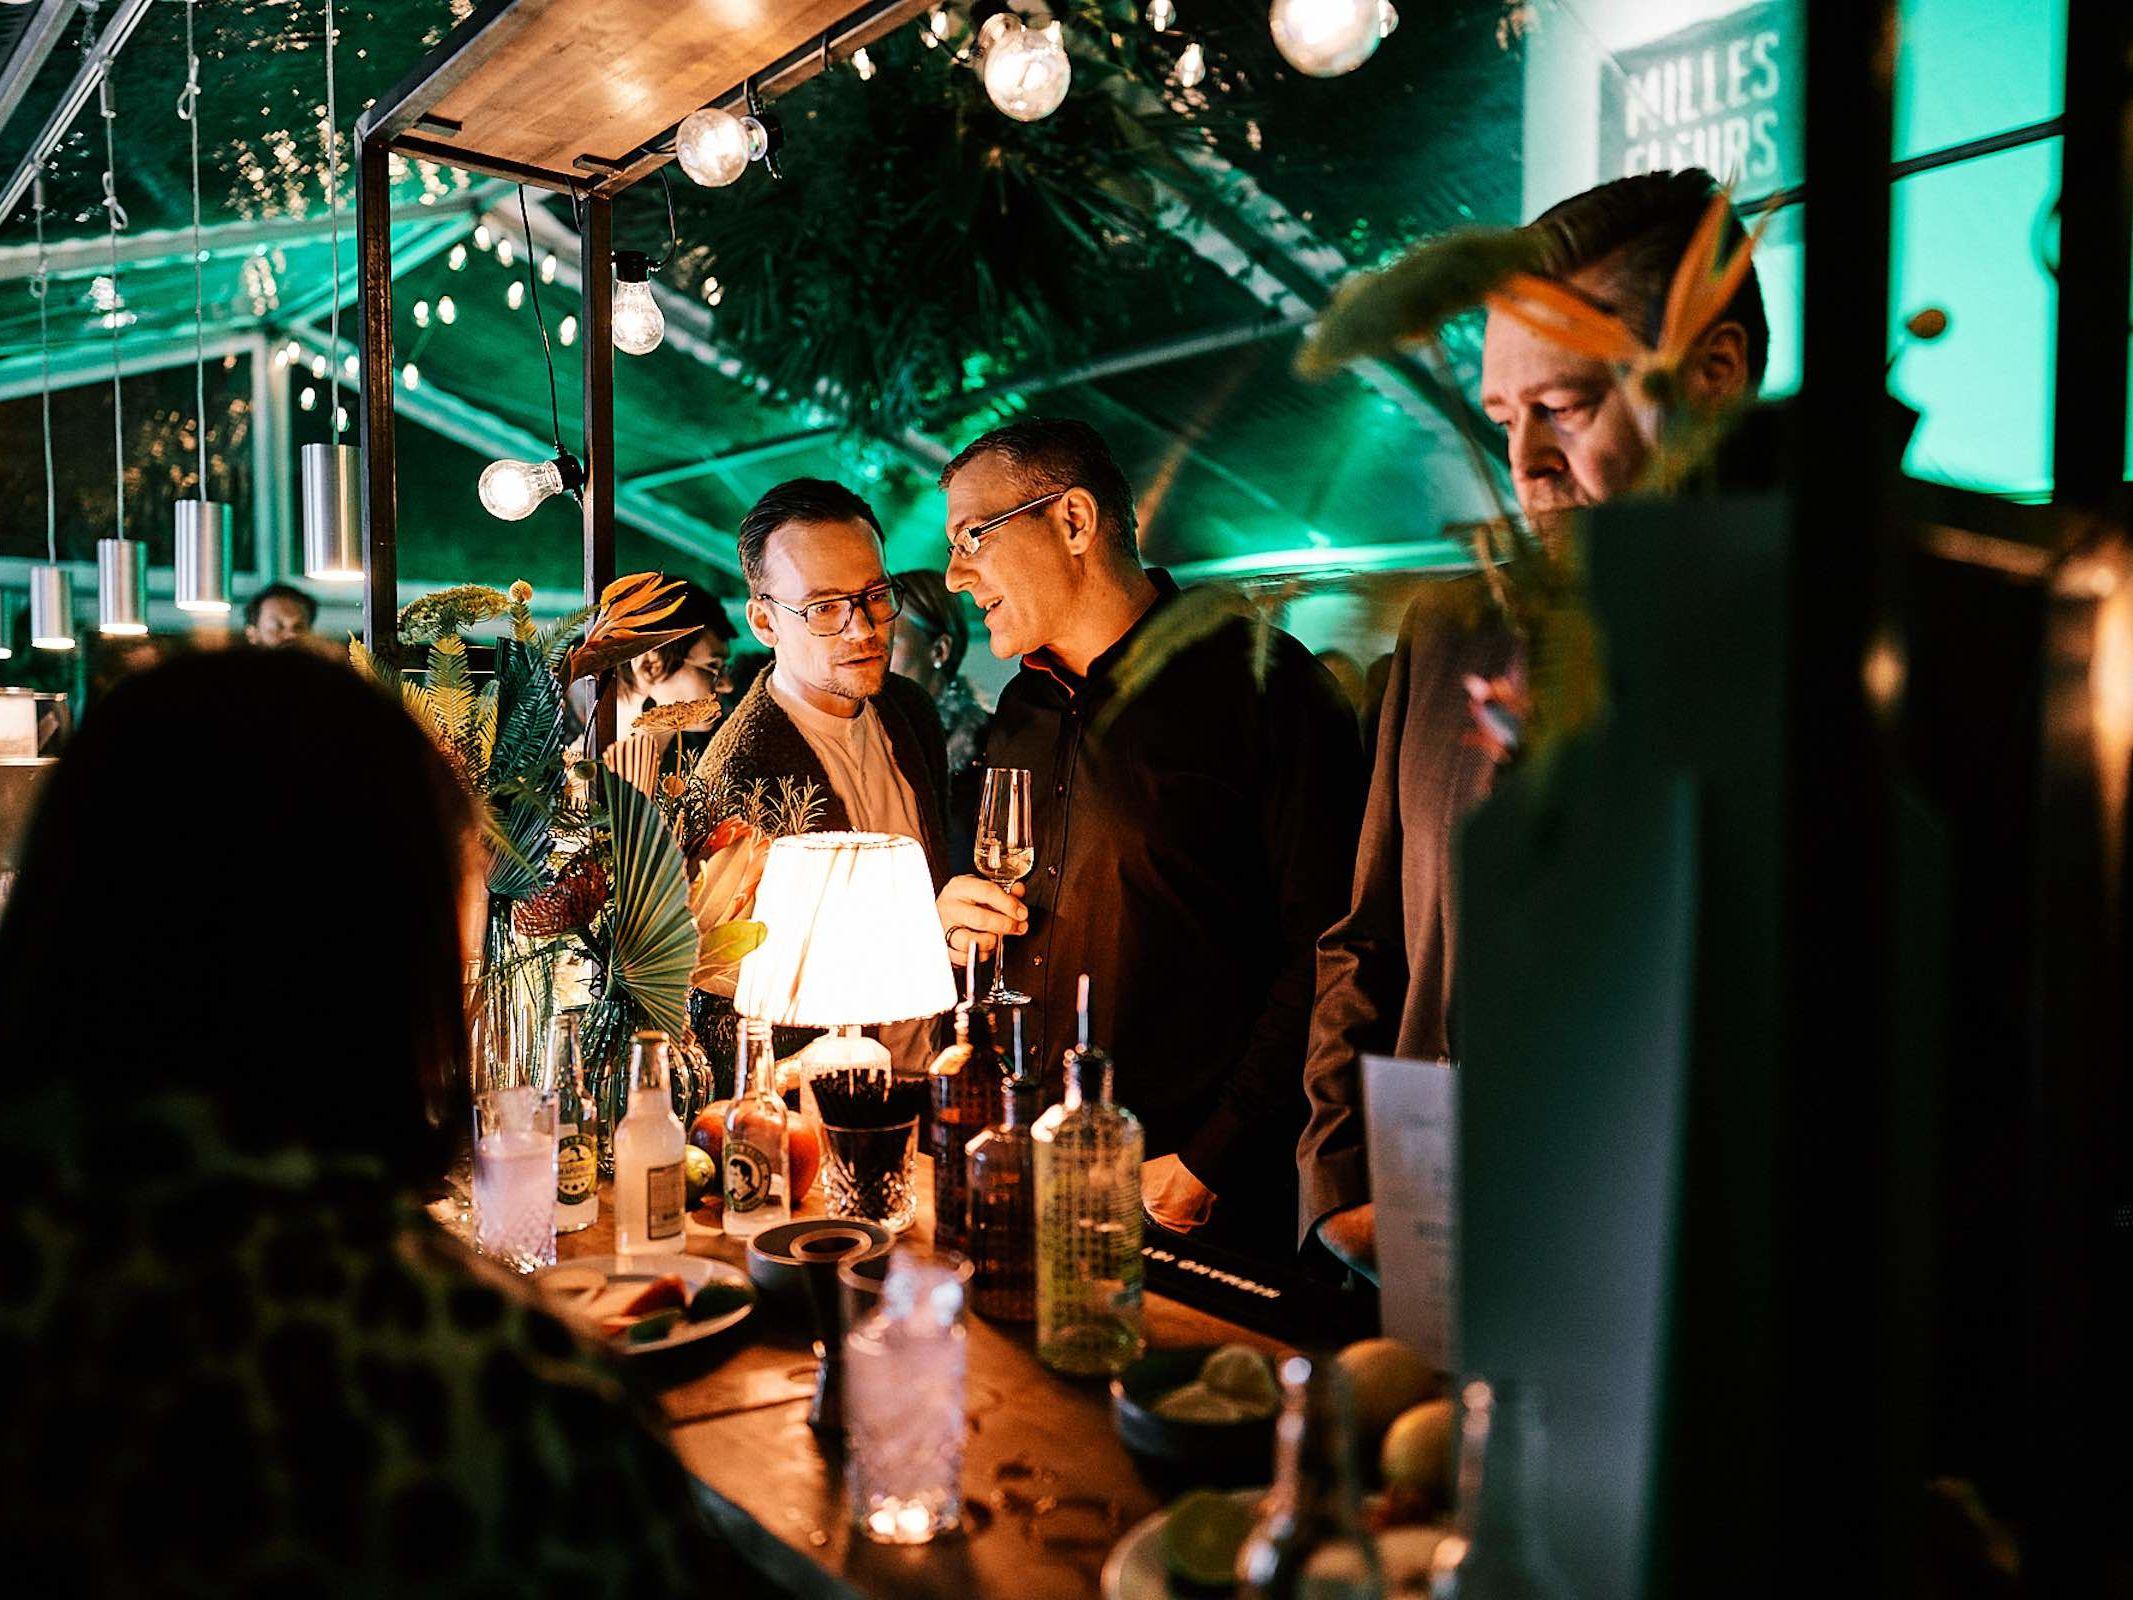 Mobile | Bar | Cocktailbar | Ginbar | Hochzeit | Sektempfang | Barkeeper | Buchen | Mieten | Geburtstag | Foodtruck | Getränke | Catering | Sektbar | Weinbar | Messe | Cocktails